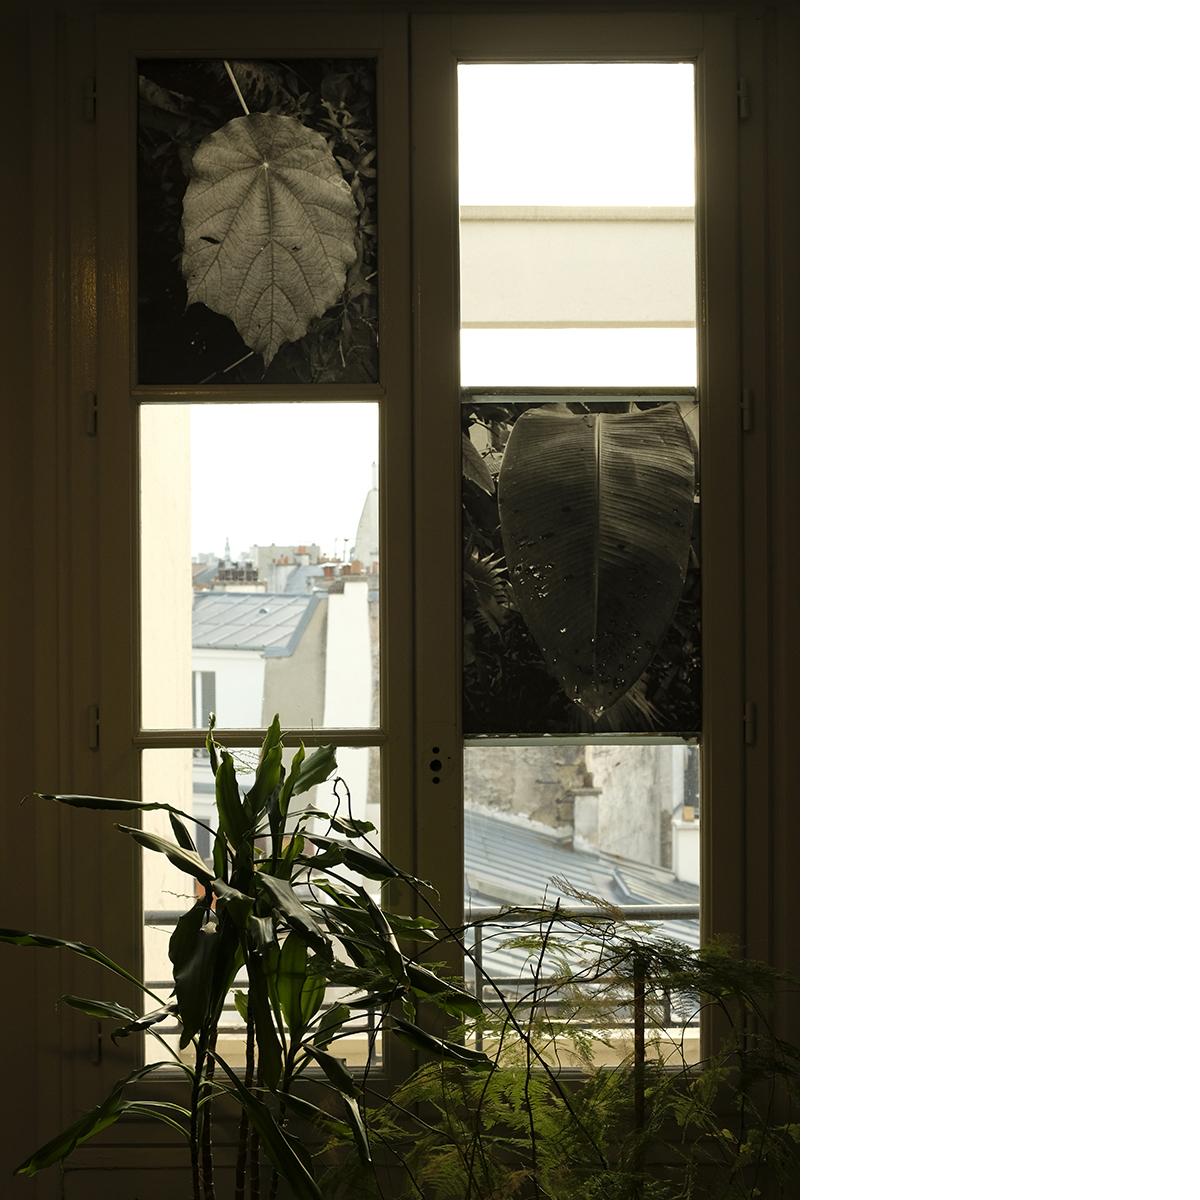 Atelier Phytosphère - <i>Tropicale 1 et 2 le 5 mars 2020 MNHN Paris</i>, 2 x 34 x 47 cm, tirages pigmentaires - Agnès Prévost